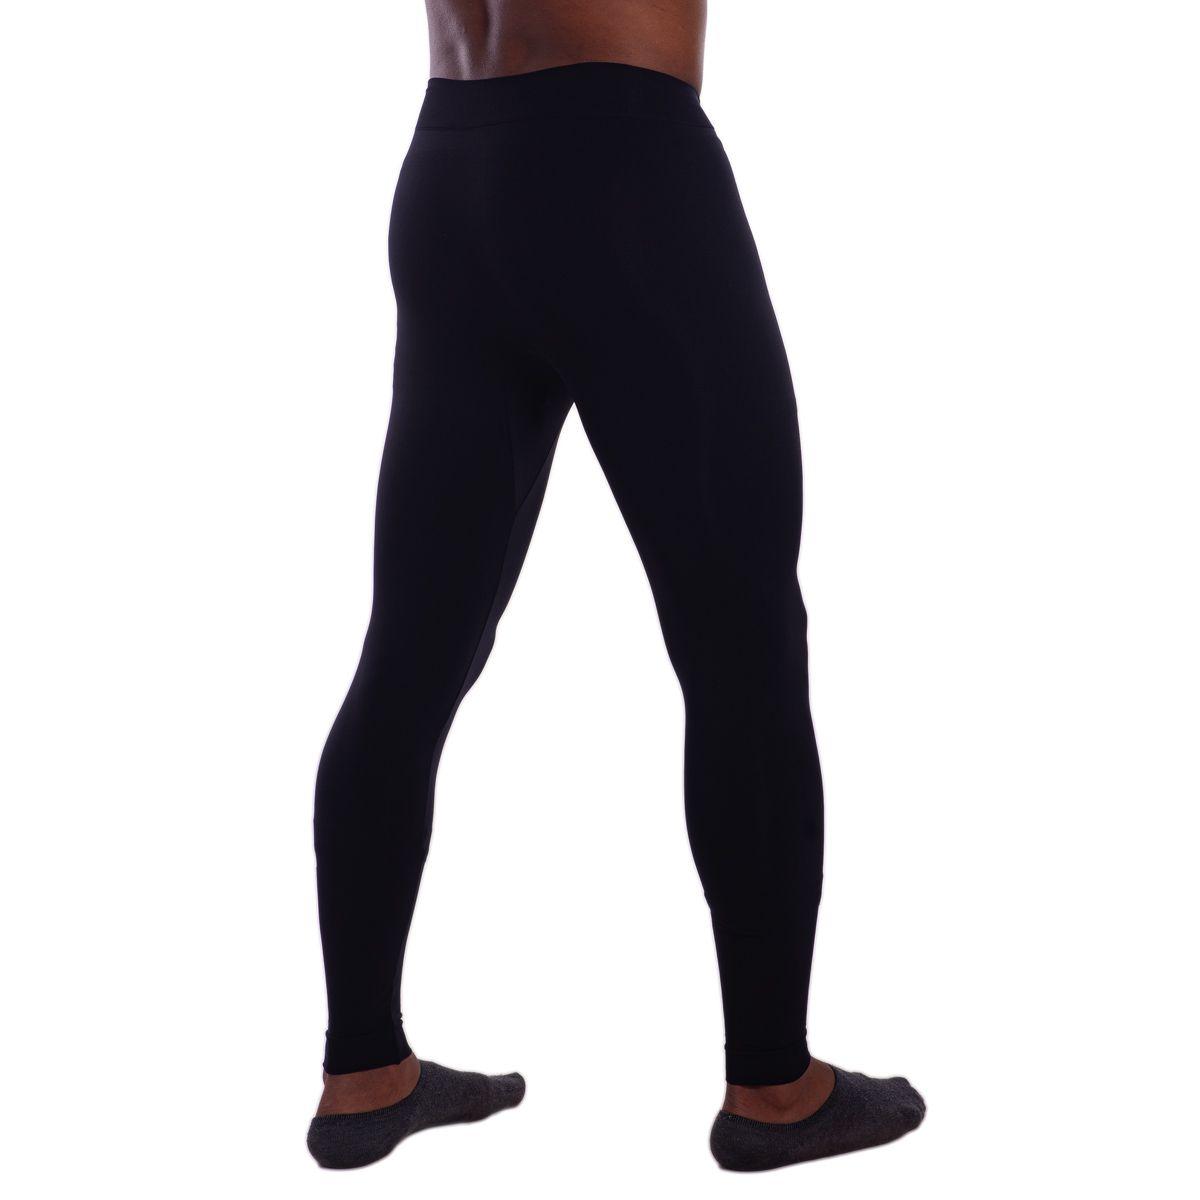 Calça segunda pele térmica e sem costura masculina Lupo